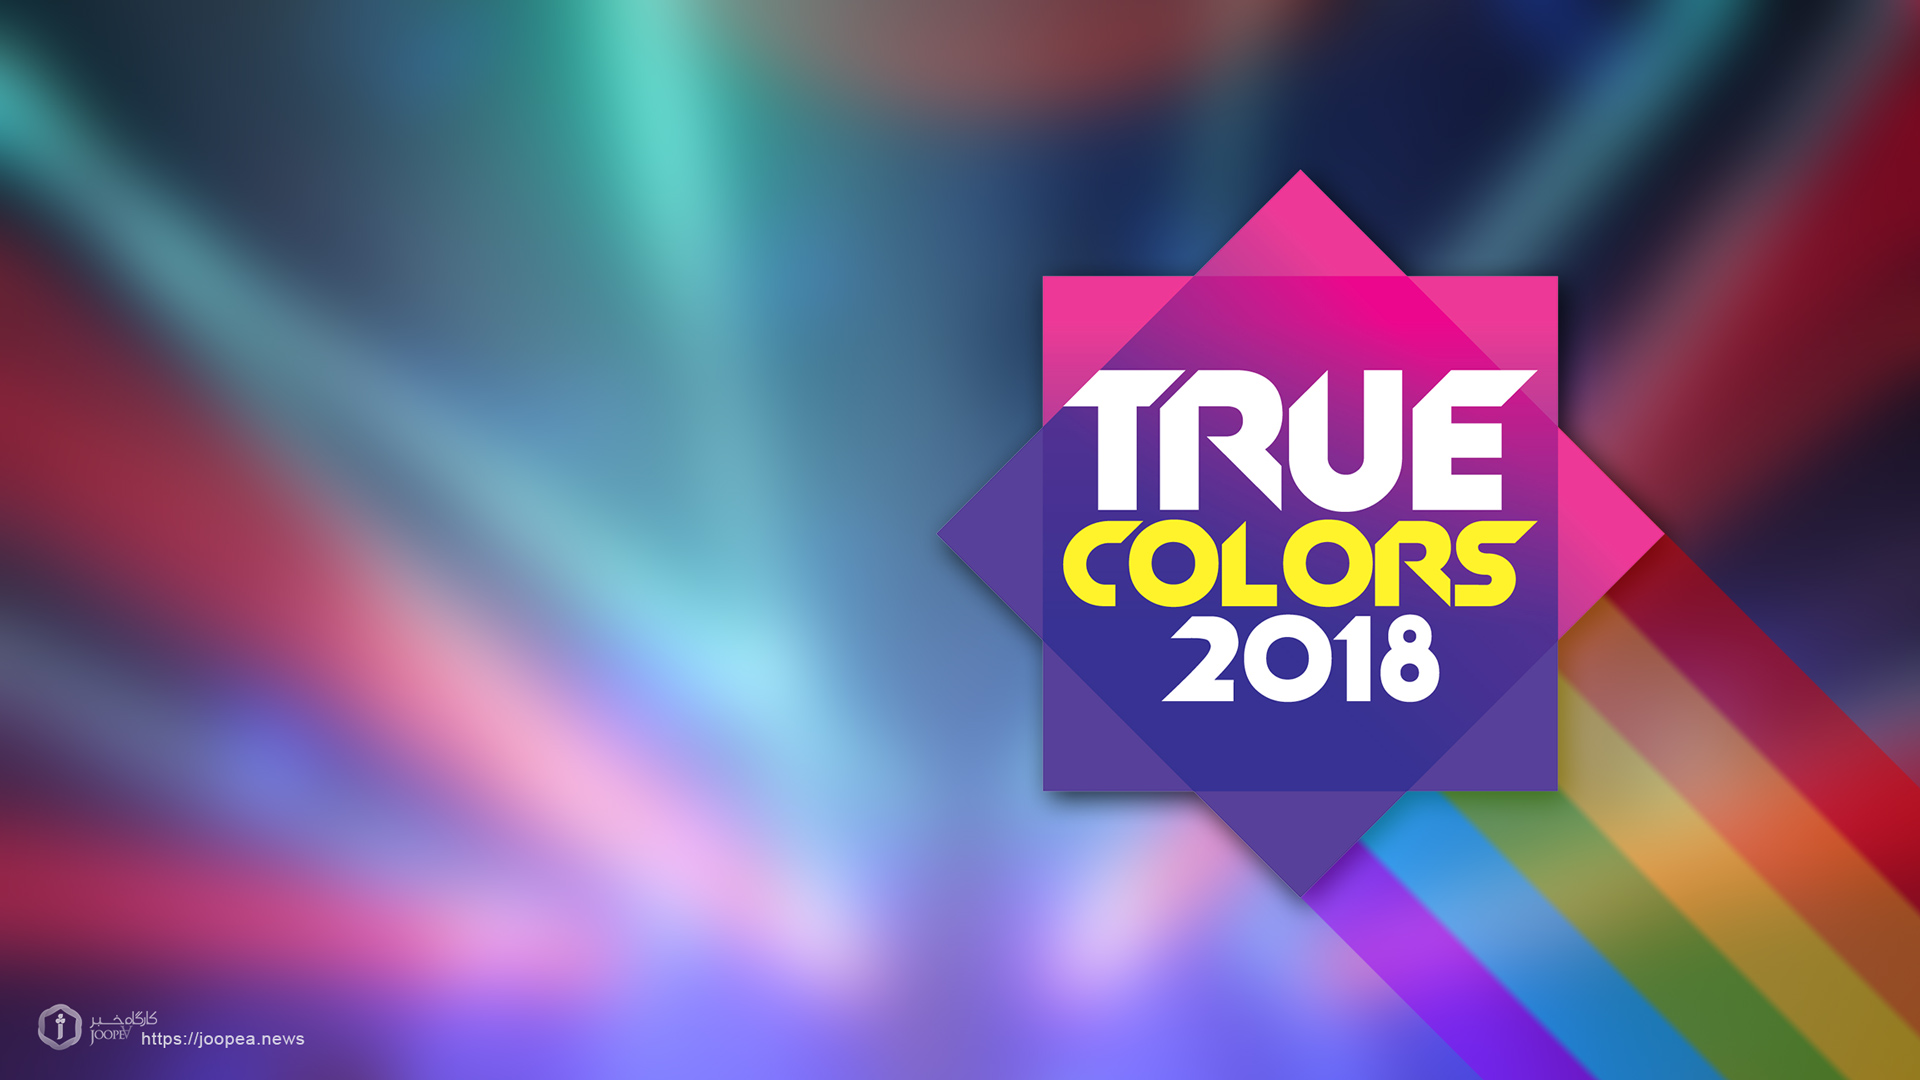 True Colors 2018